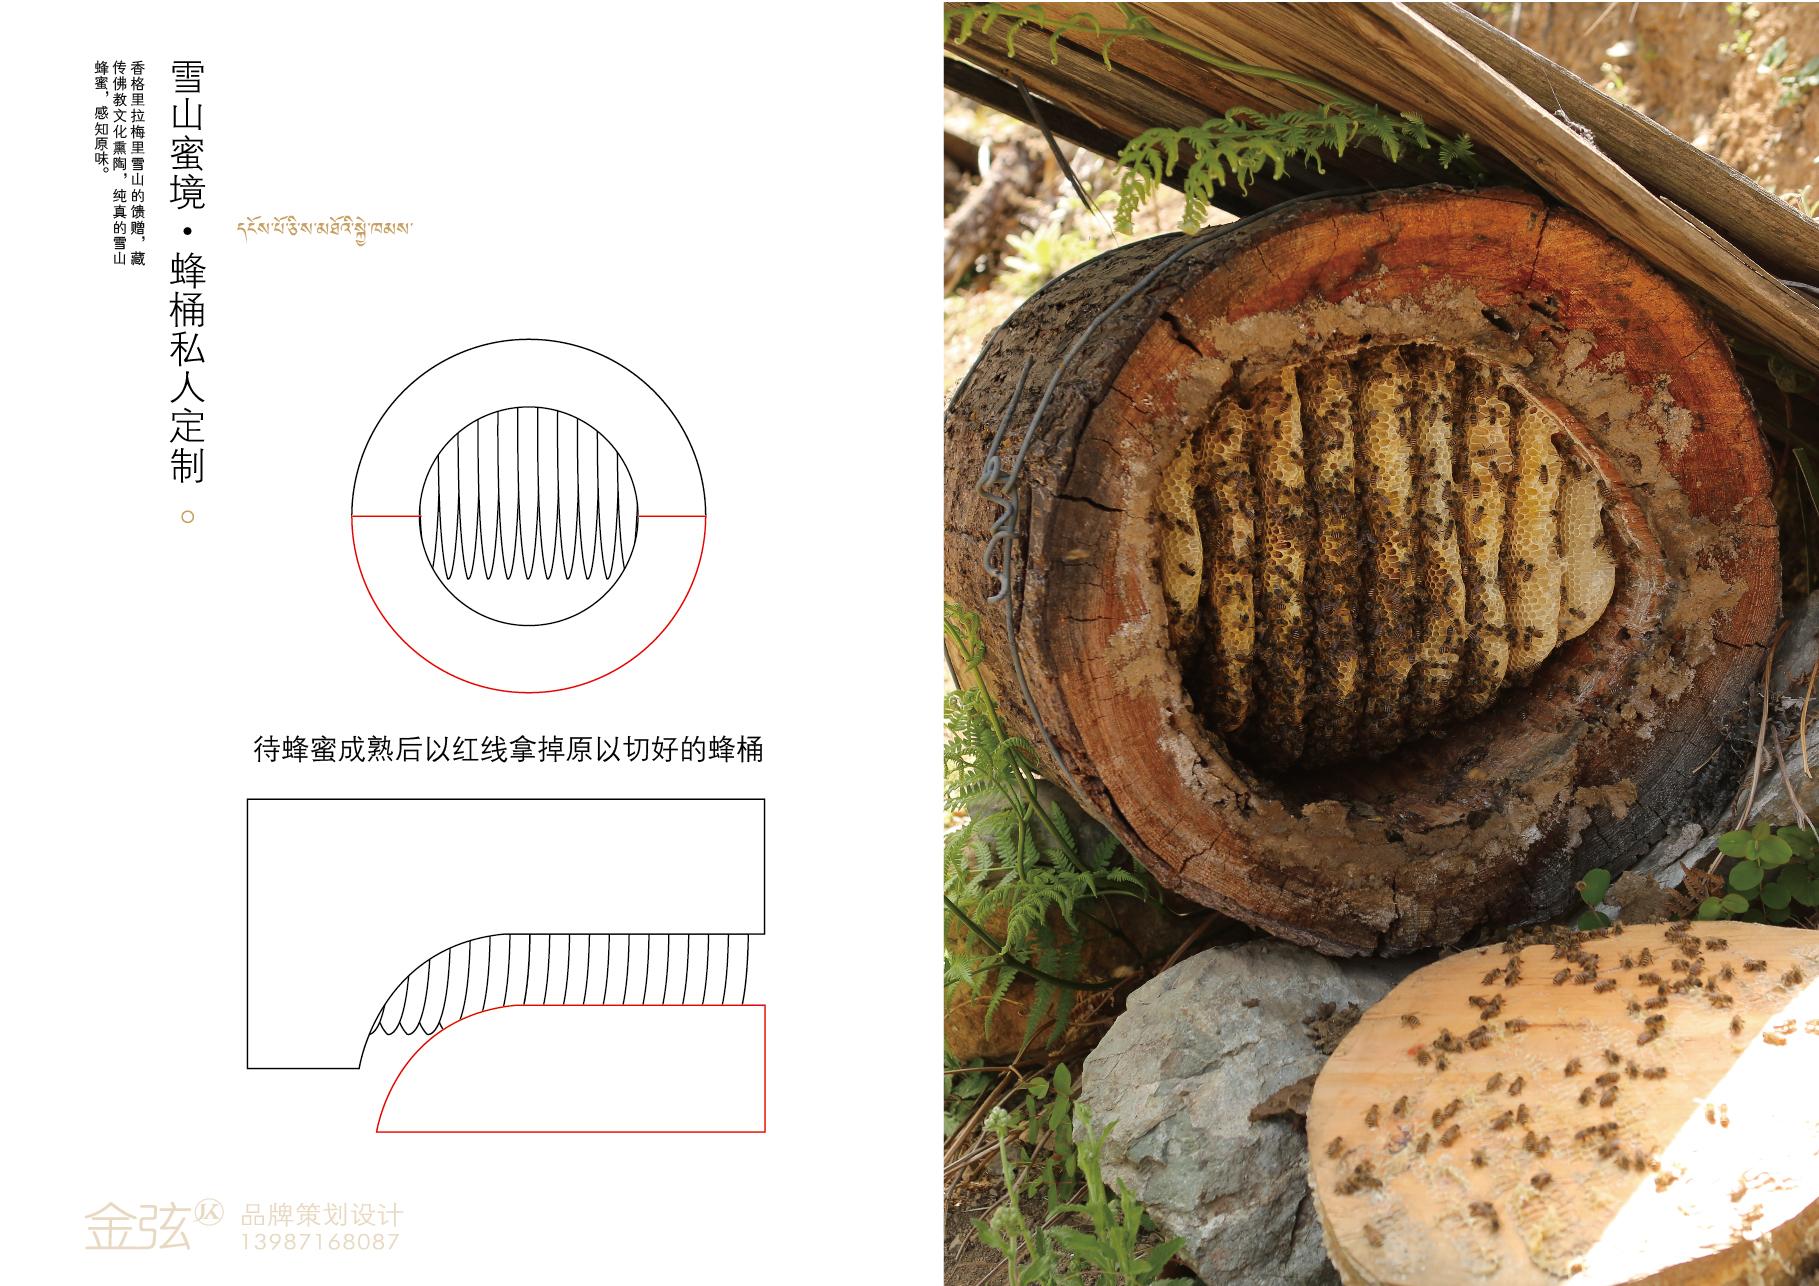 品吉 雪山蜜境私人定制蜂桶认领方案 包装设计 客户资料  第7张